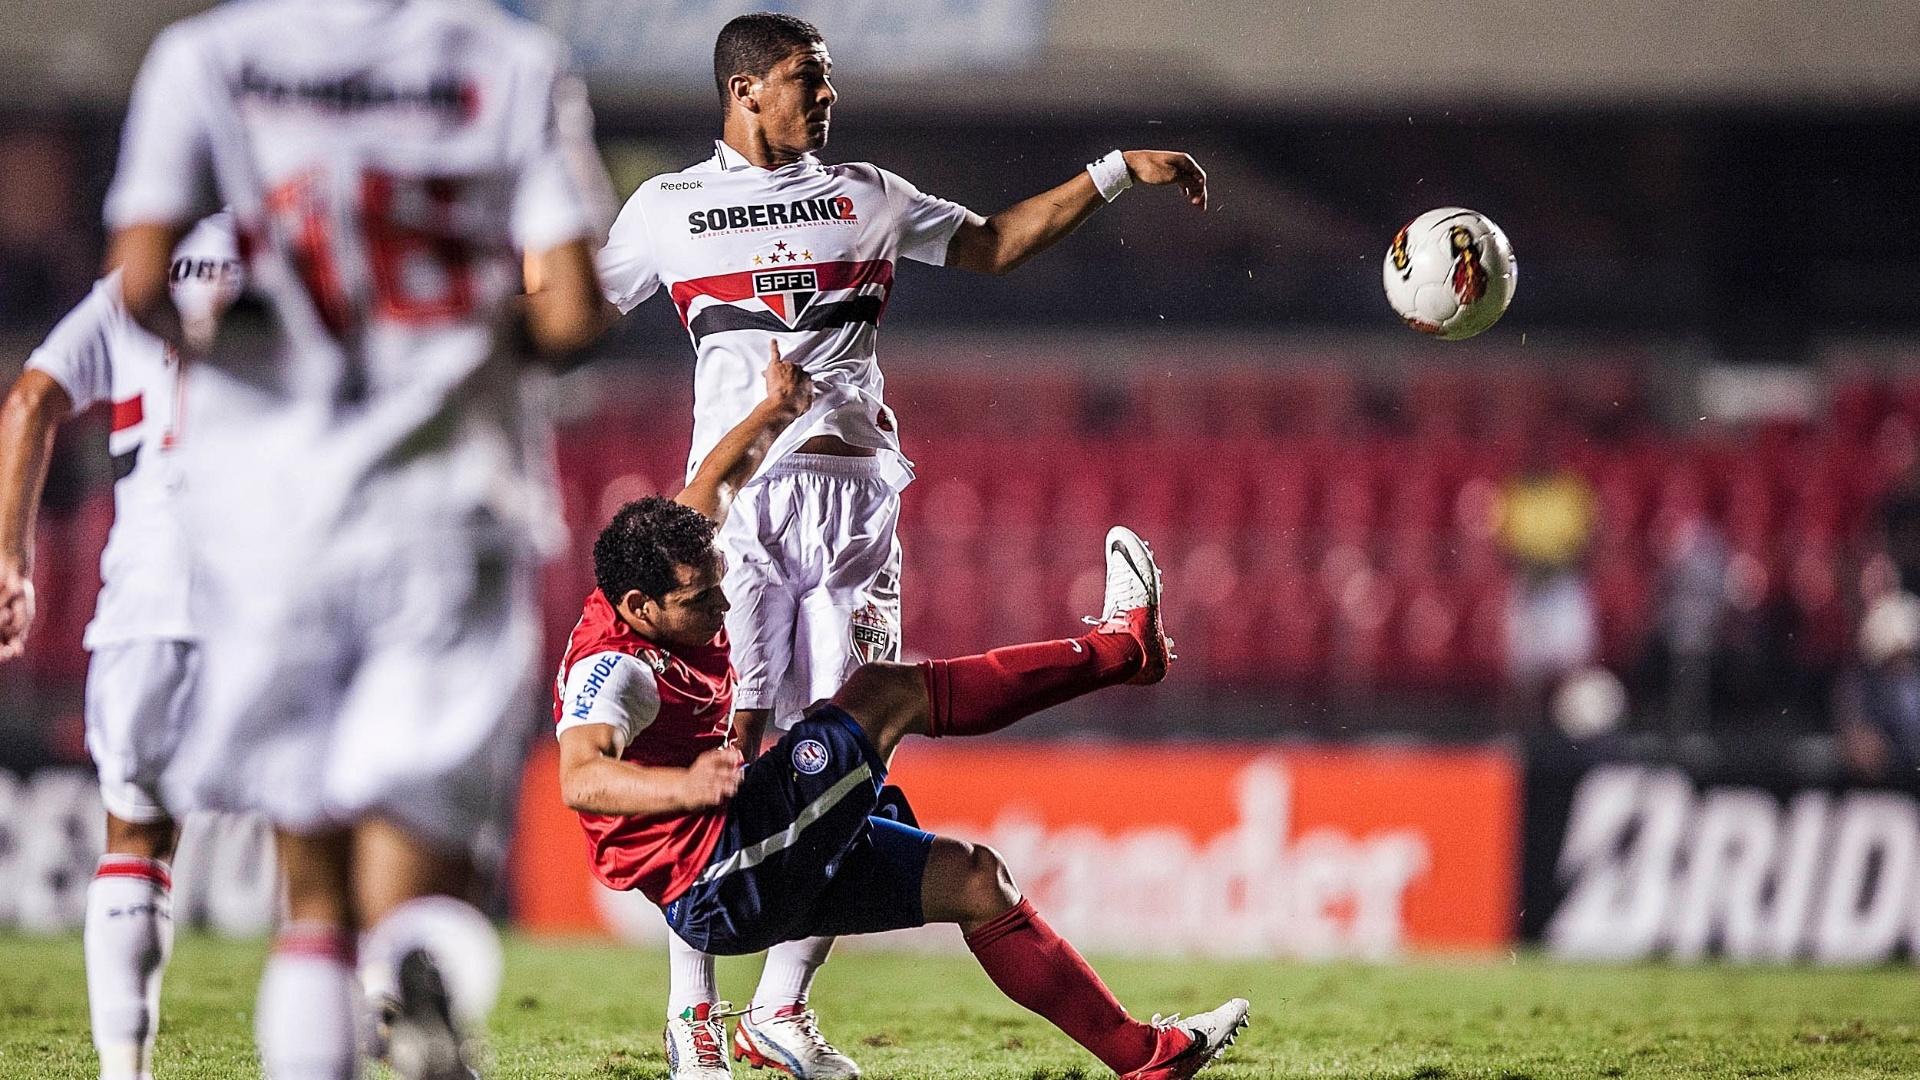 Denilson disputa jogada com atleta do Bahia em lance de jogo pela Copa Sul-Americana